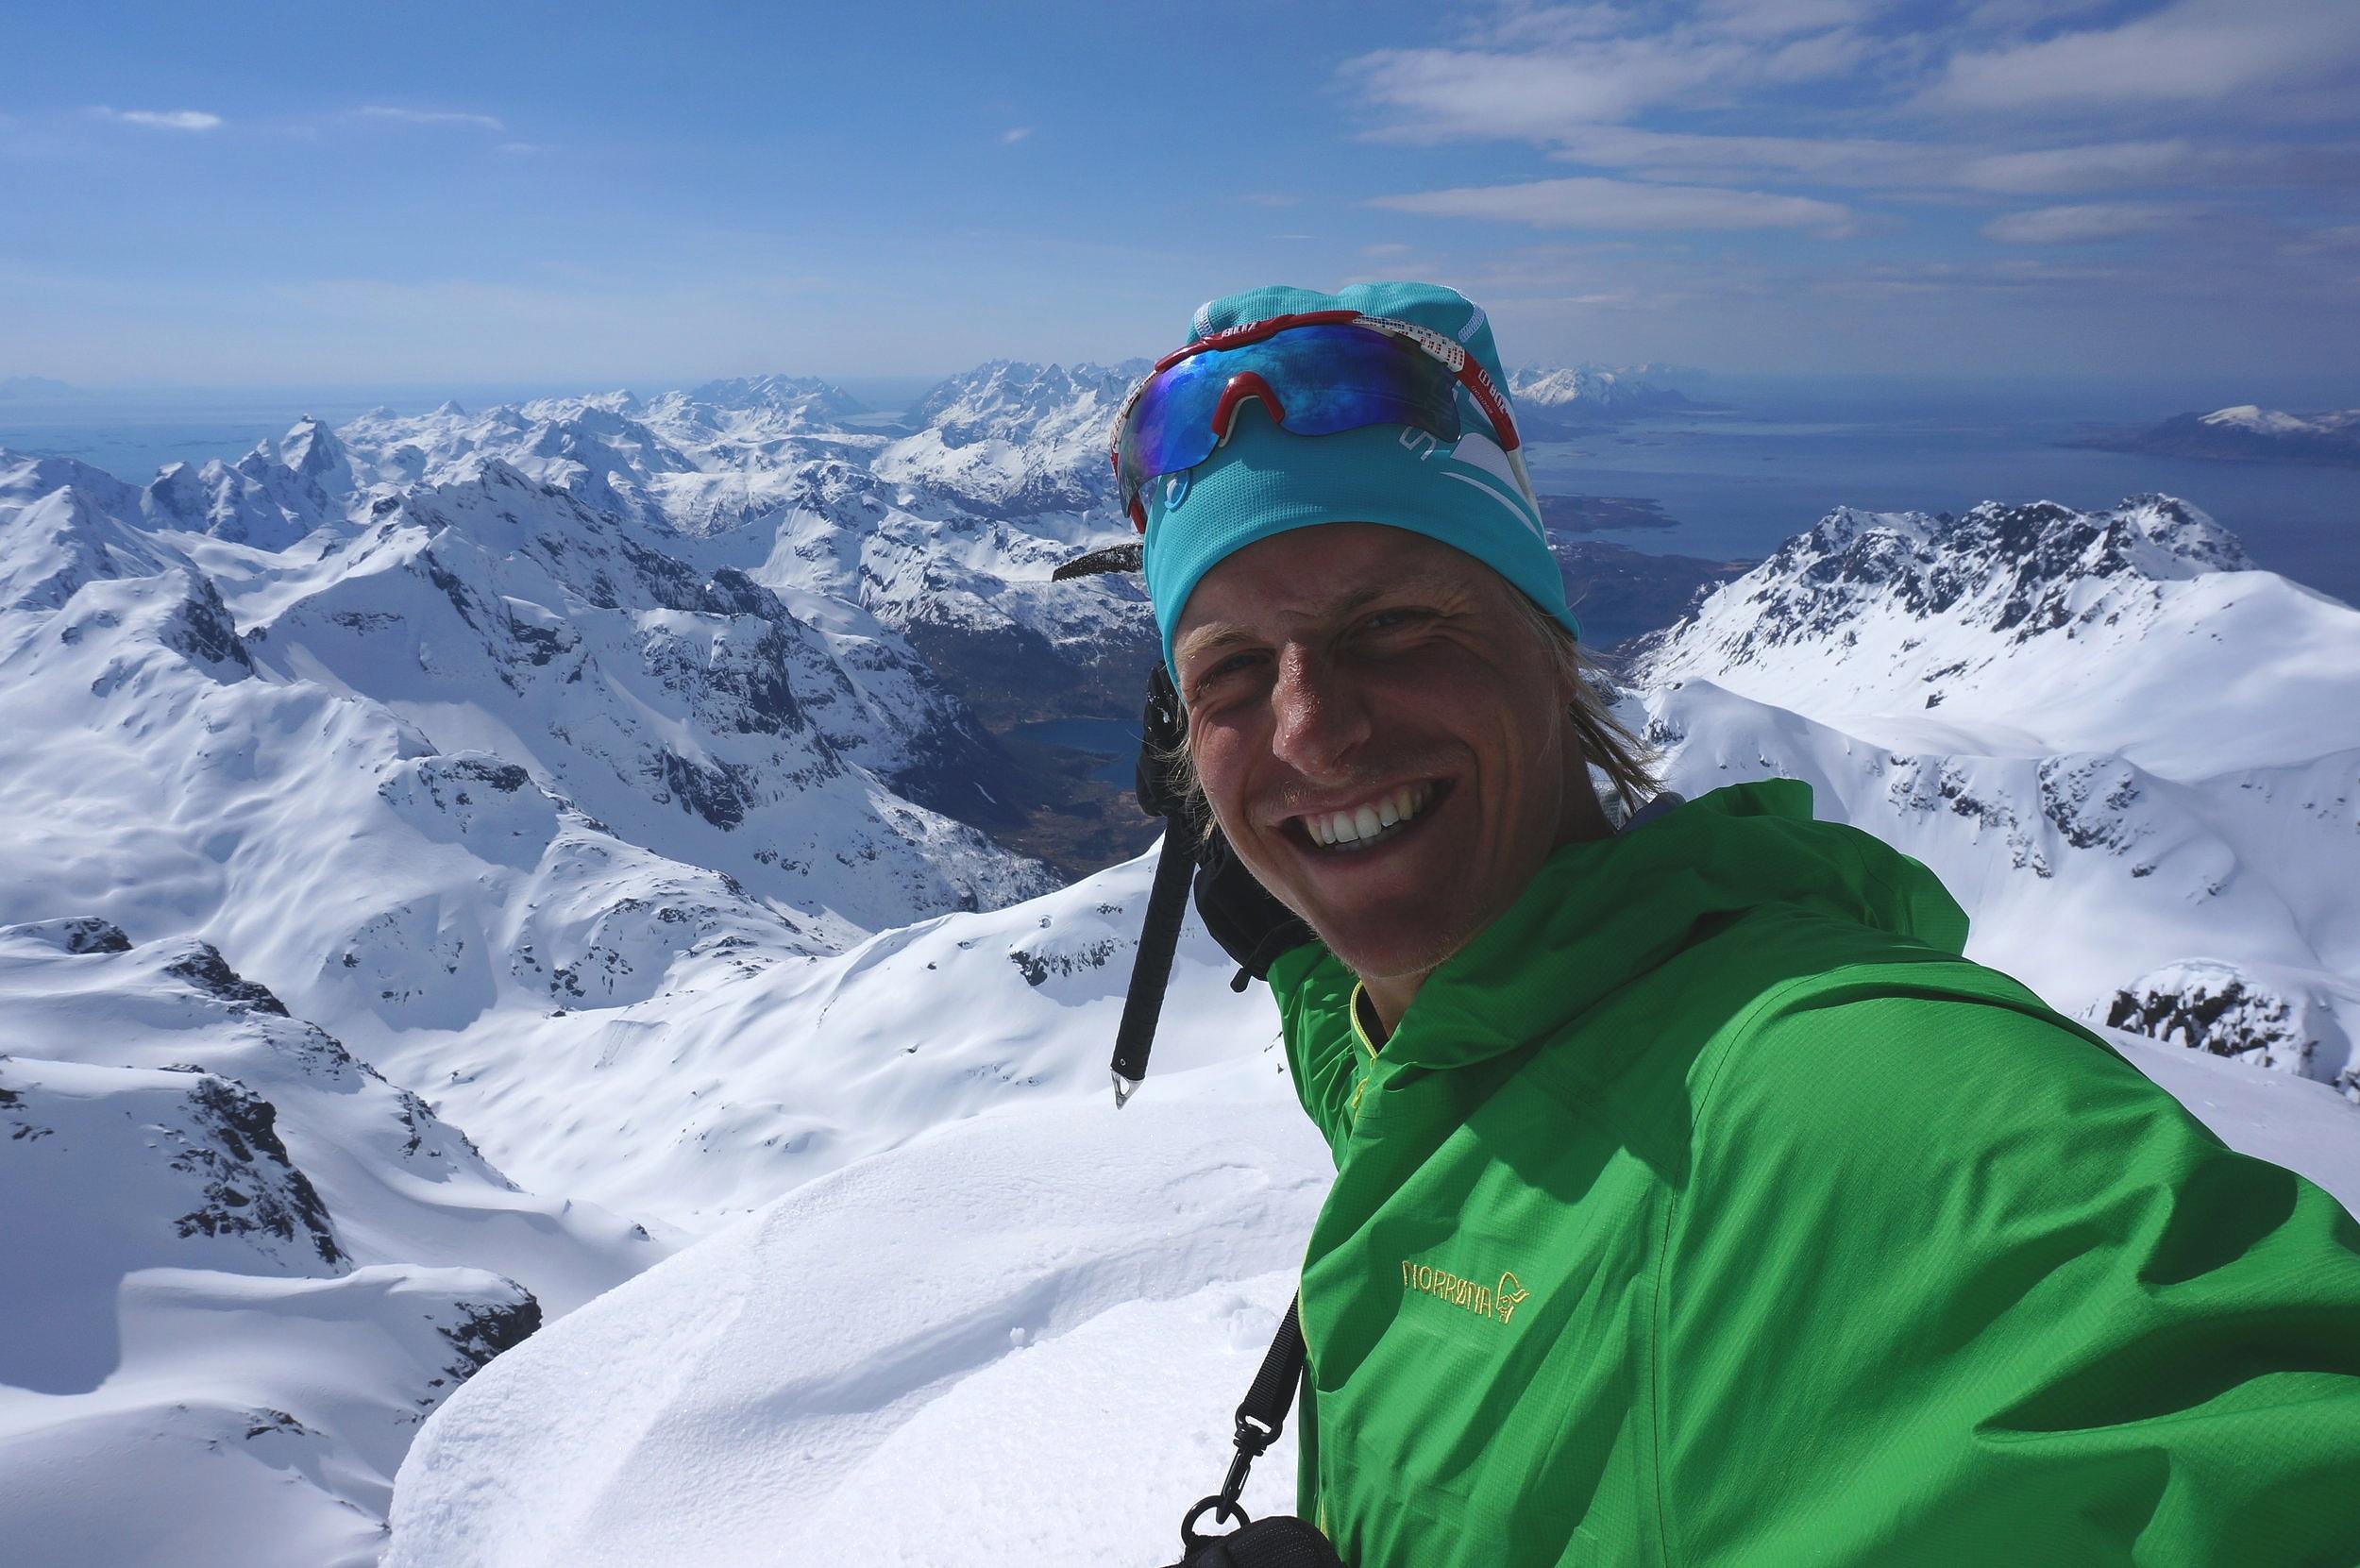 """Gjermund  jobber til daglig som fjellguide og forfatter av turboka """"Toppturer i Jotunheimen"""". Boka vil inneholde turbeskrivelser til de flotteste toppturene på ski i hele Jotunheimen, og skal lanseres høsten 2019 i samarbeid med Fri Flyt forlag."""